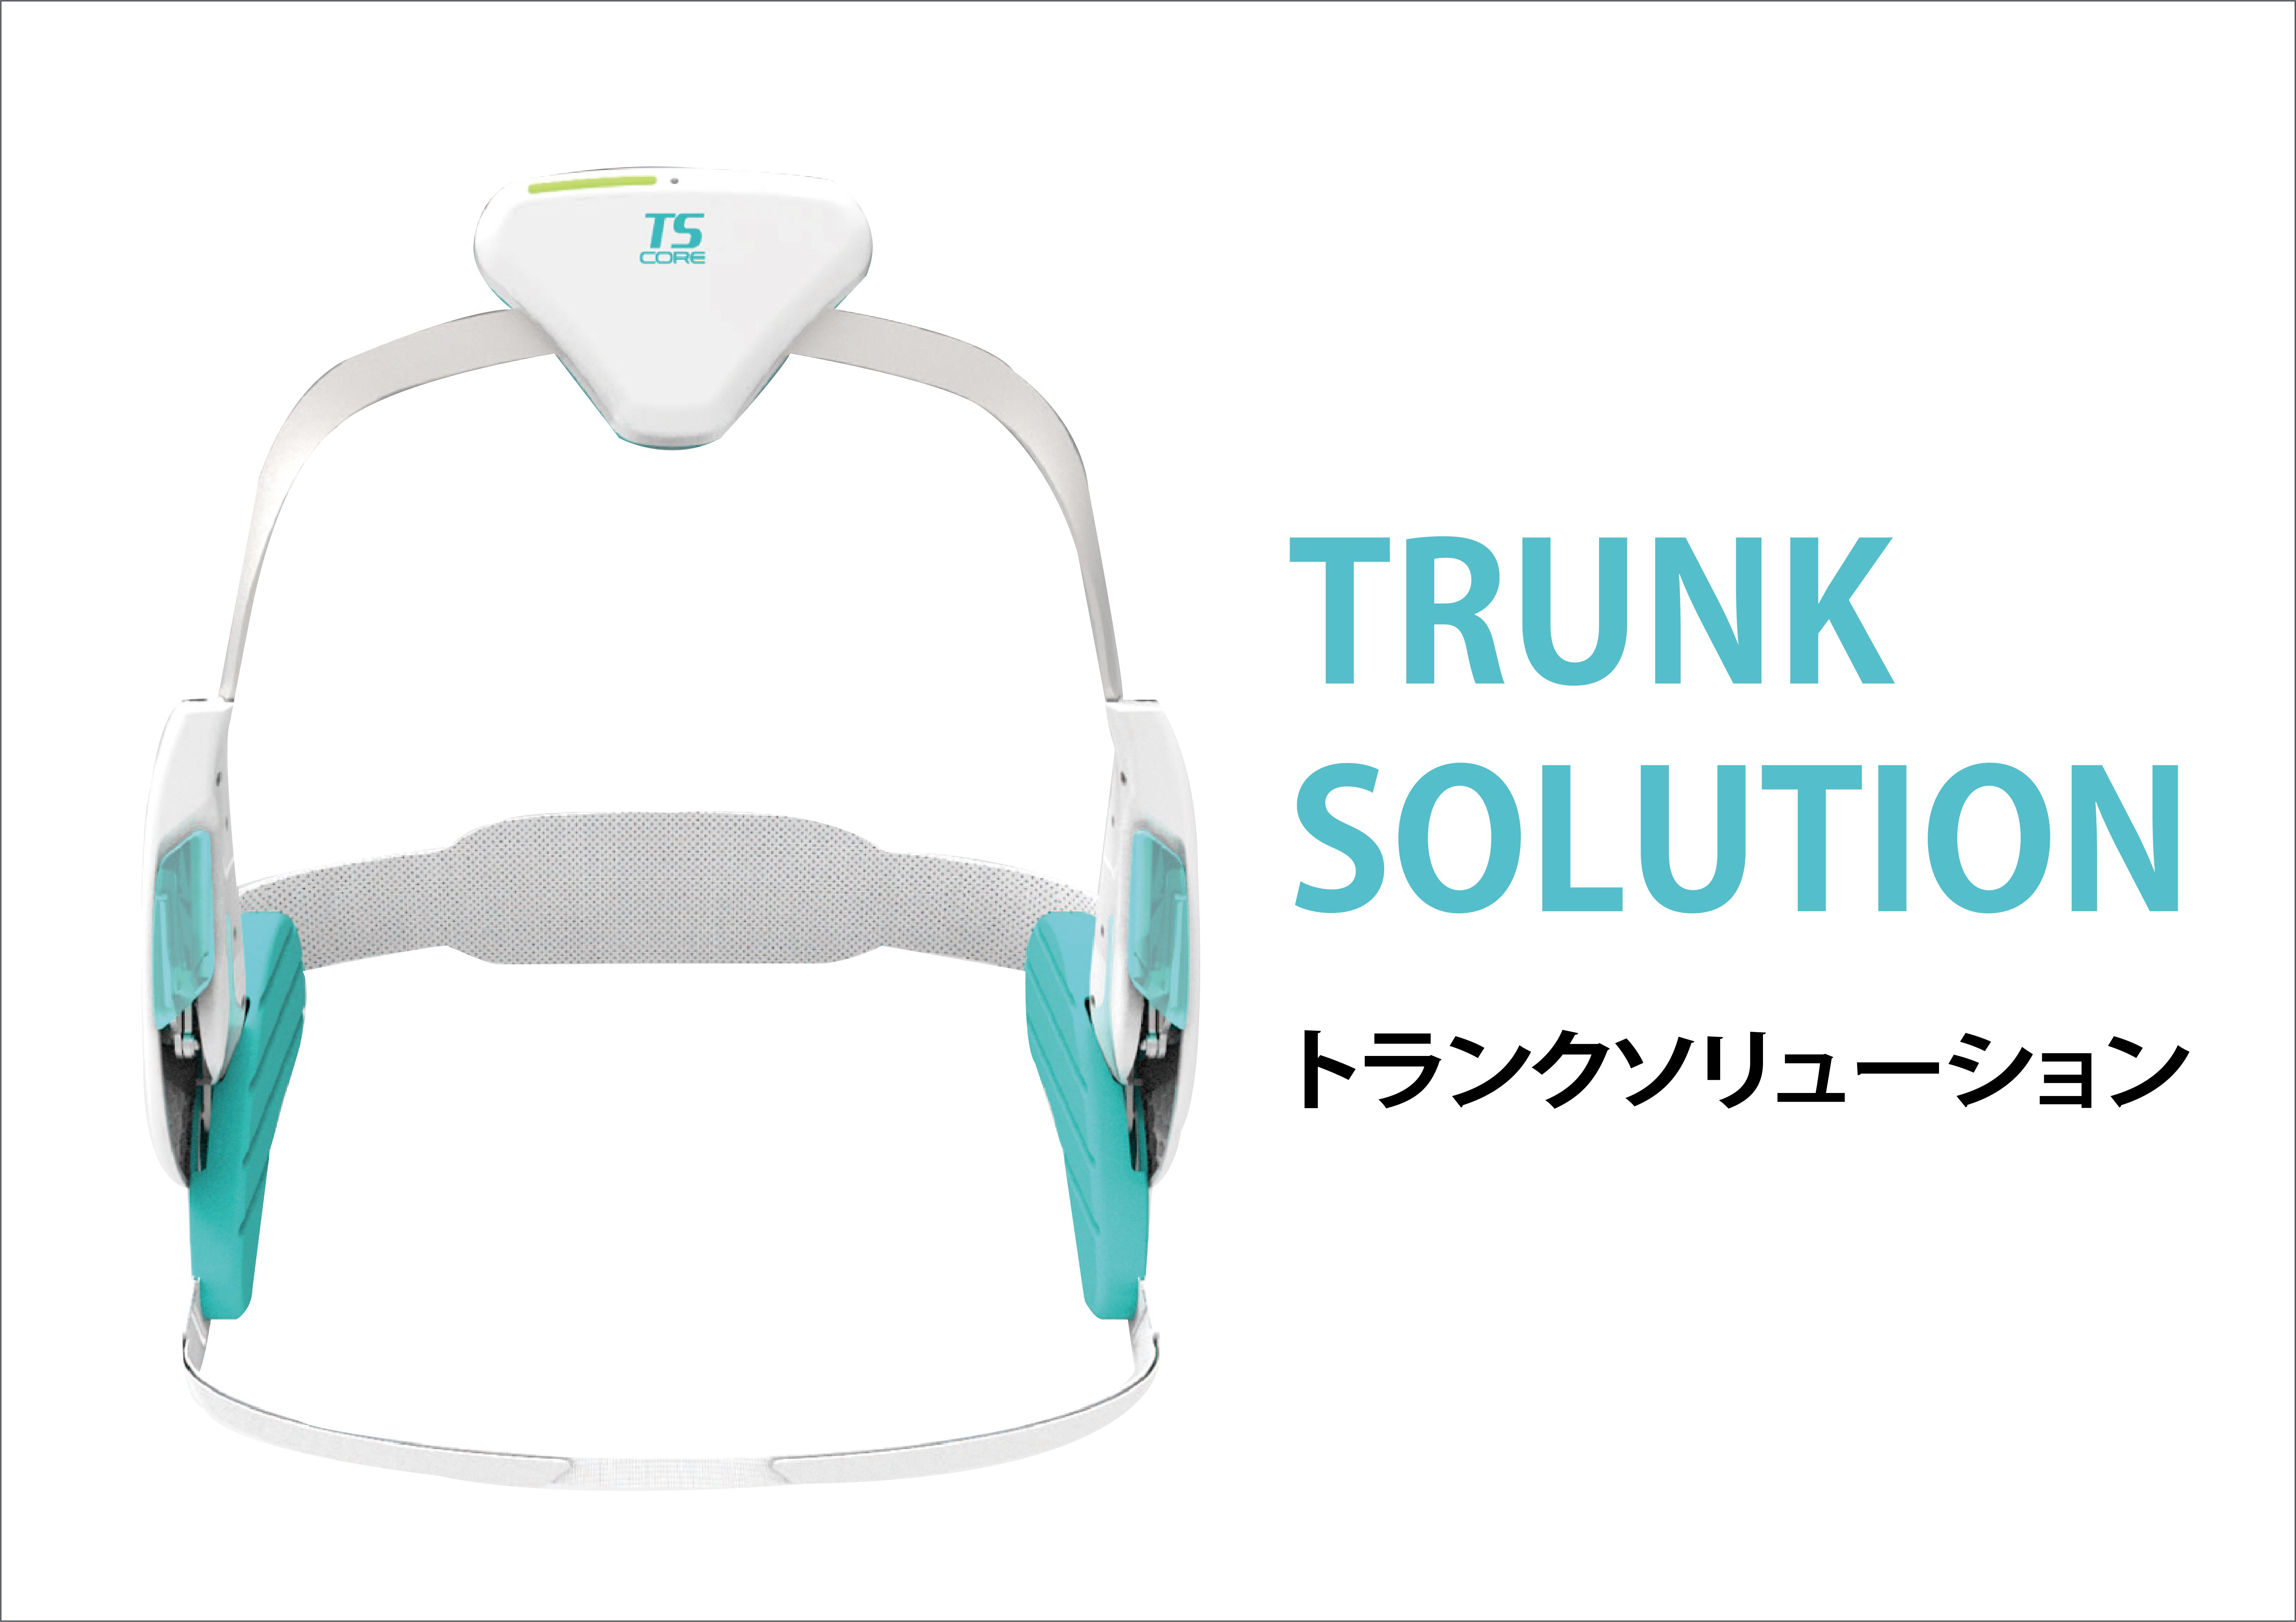 トランクソリューション 姿勢を矯正し、体感能力を向上させる